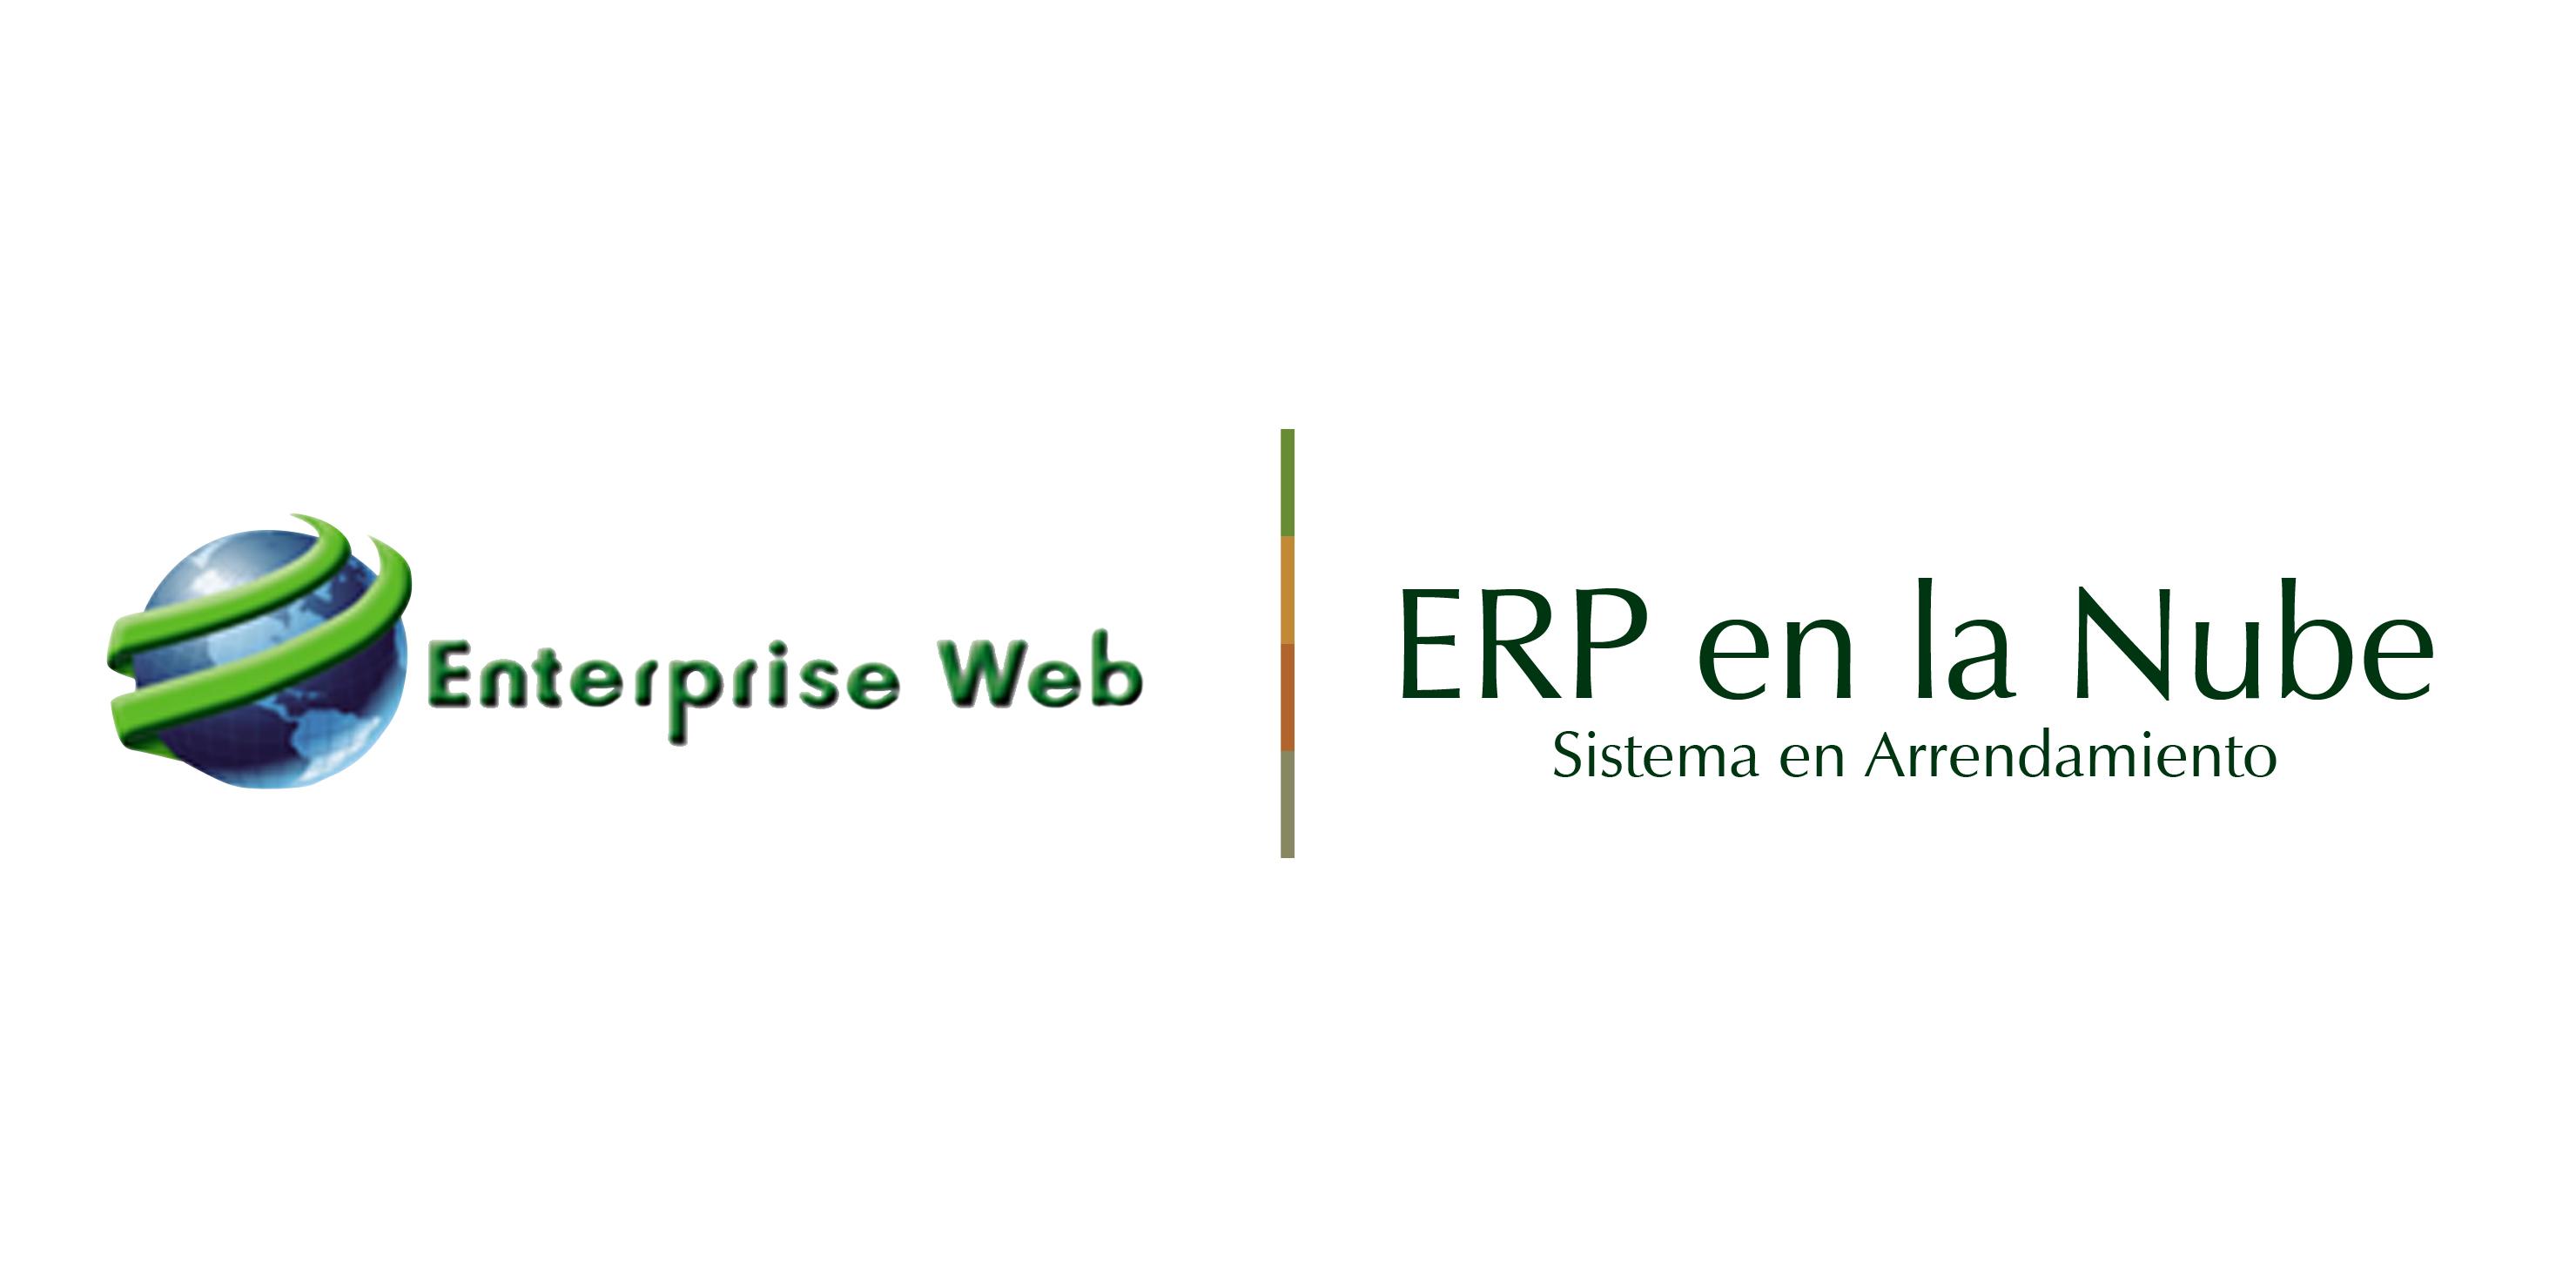 Software ERP en la Nube | ERP en la Nube | Novasoft S.A.S.